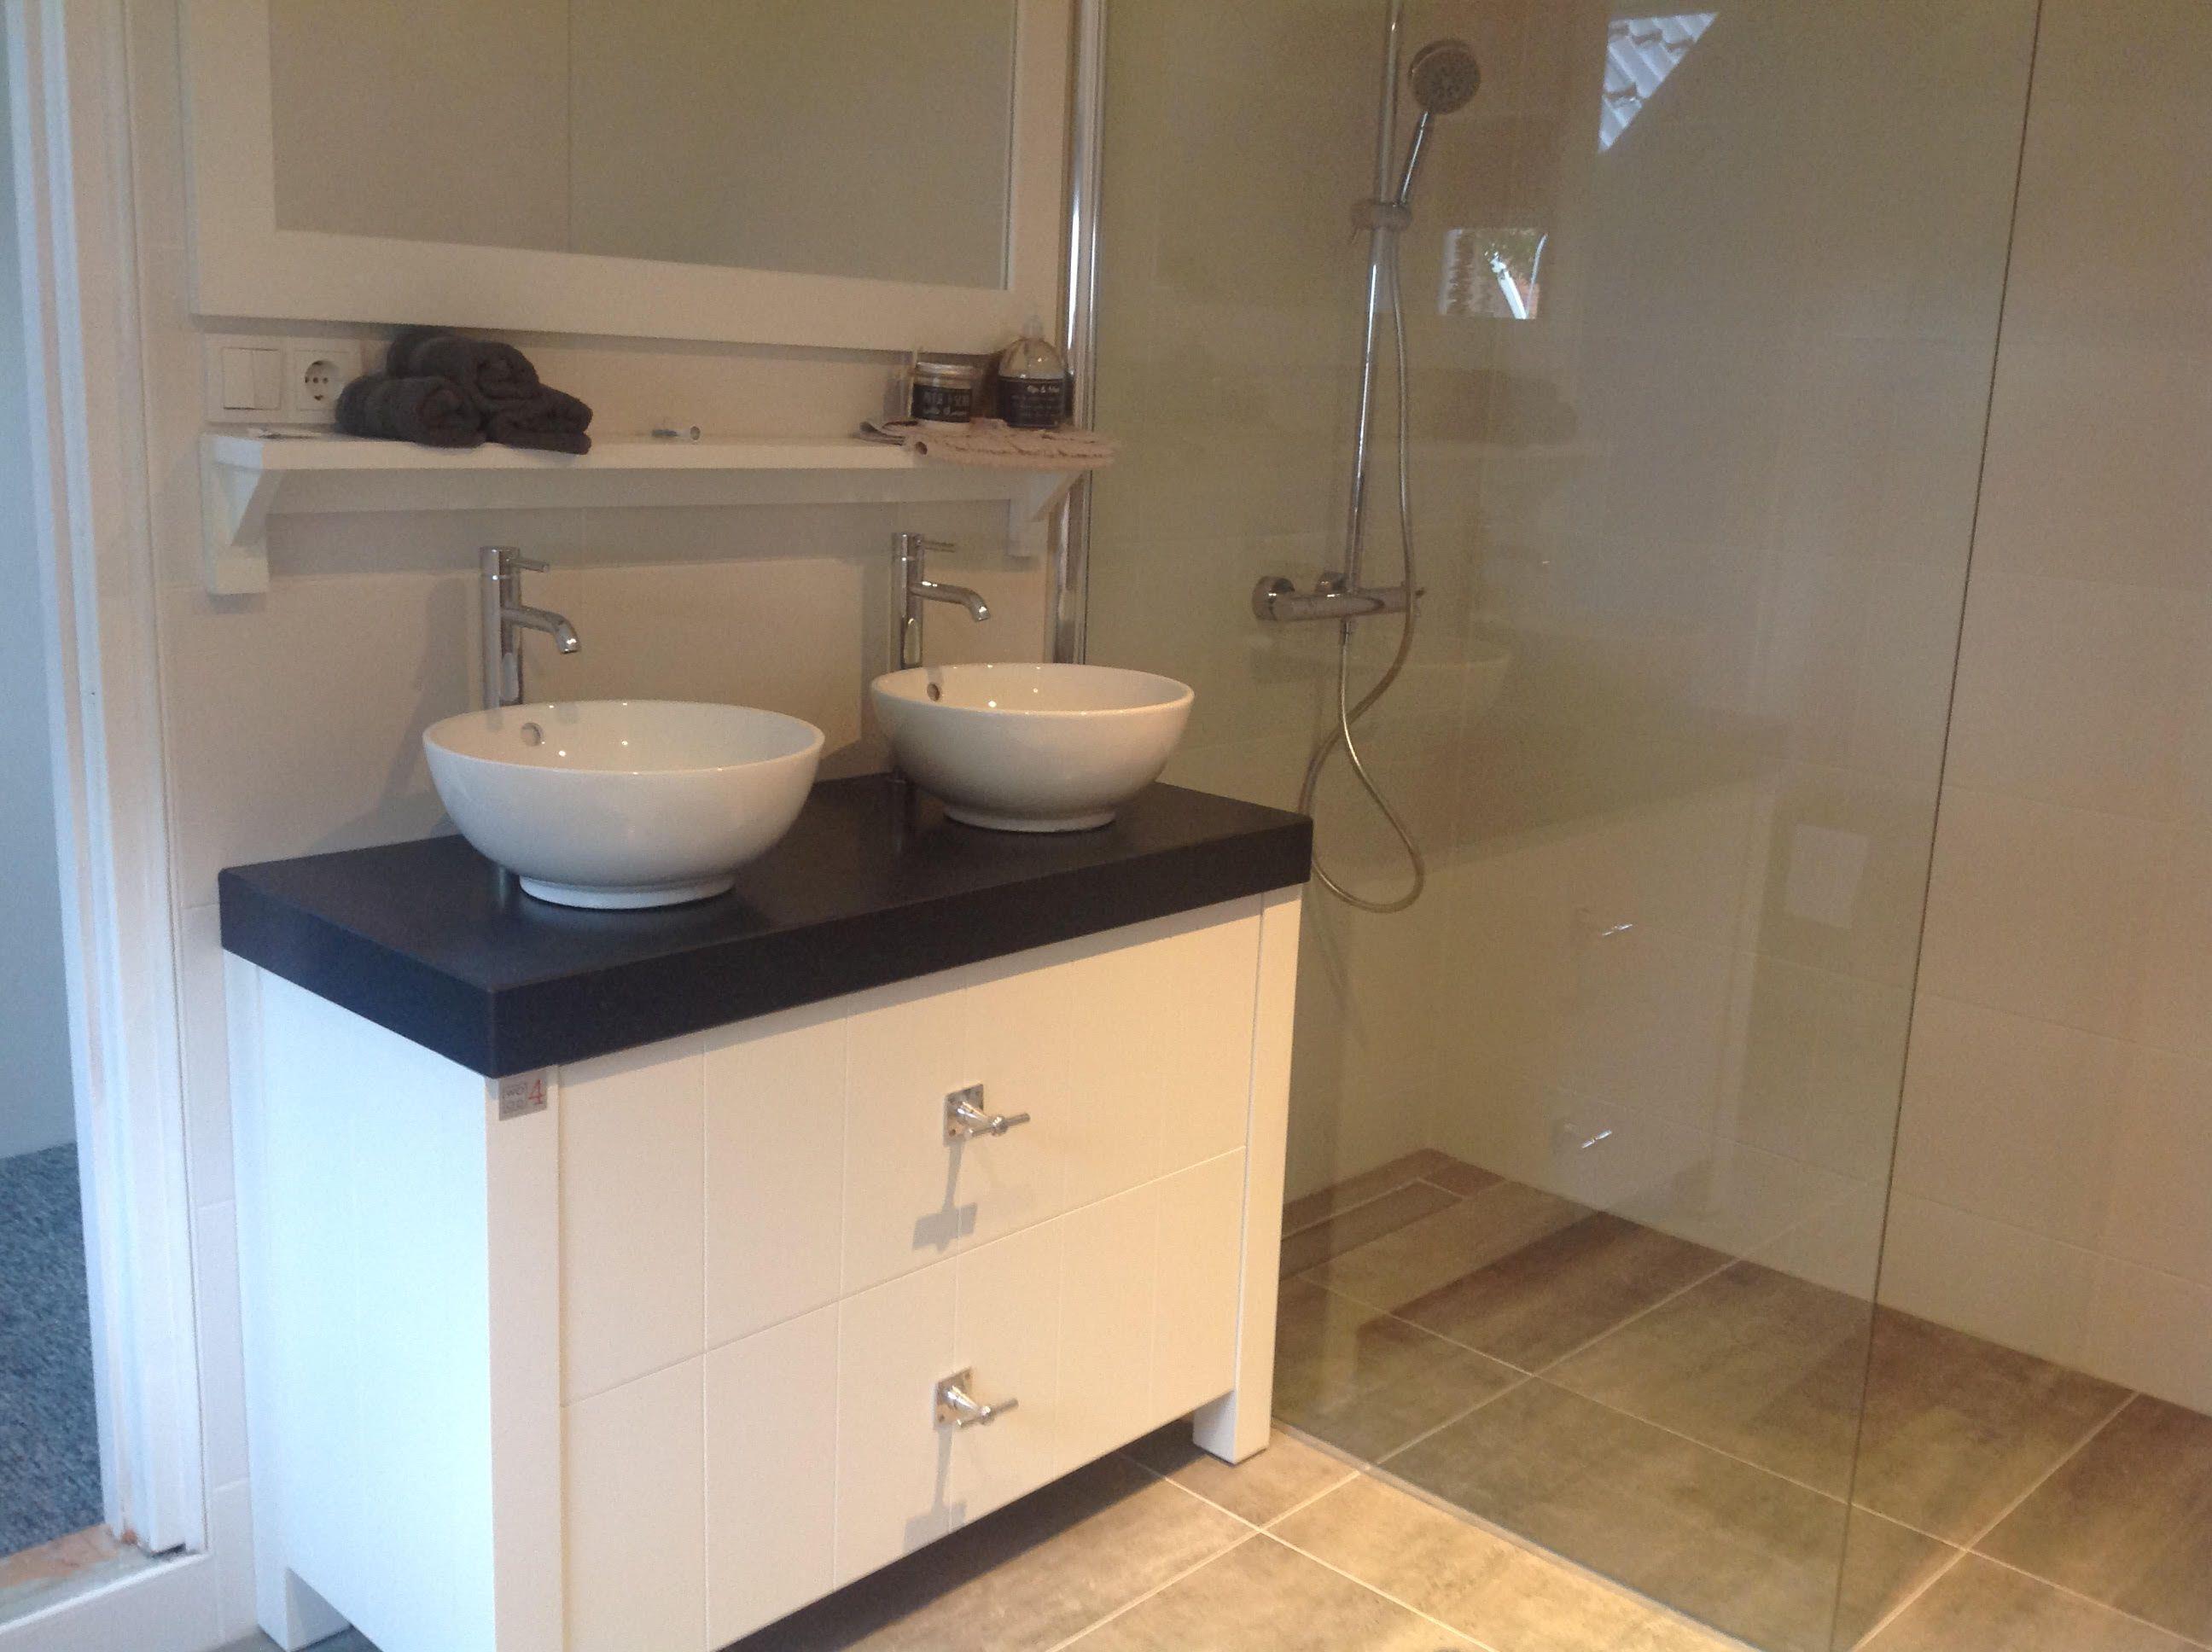 badkamermeubel van wood4 met een keramisch blad en keramische